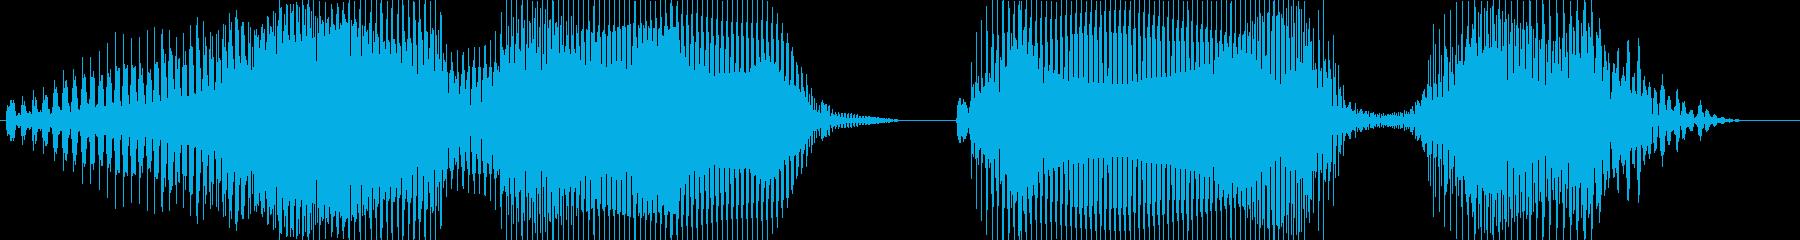 イエローカード!の再生済みの波形